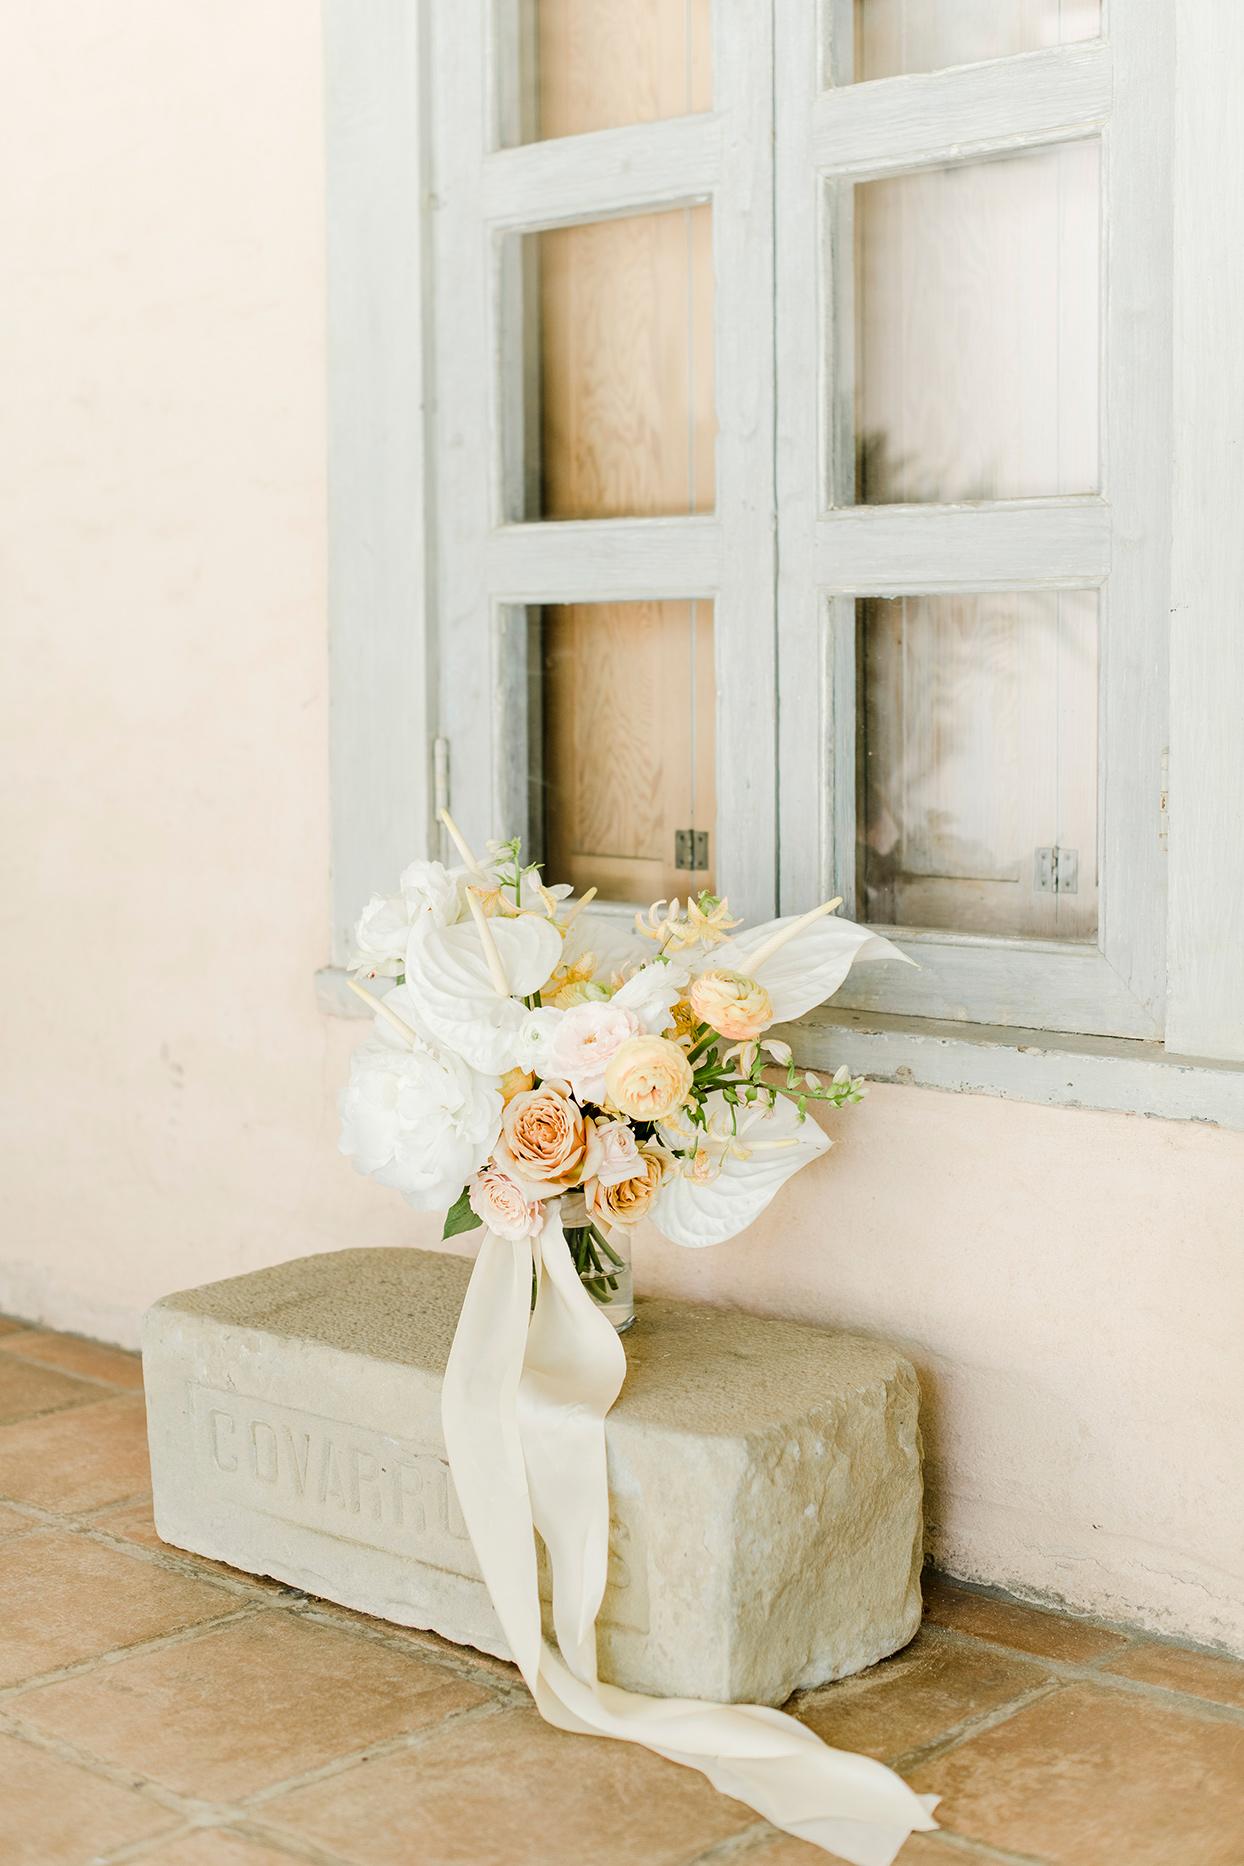 maddie will wedding bouquet on stone bench